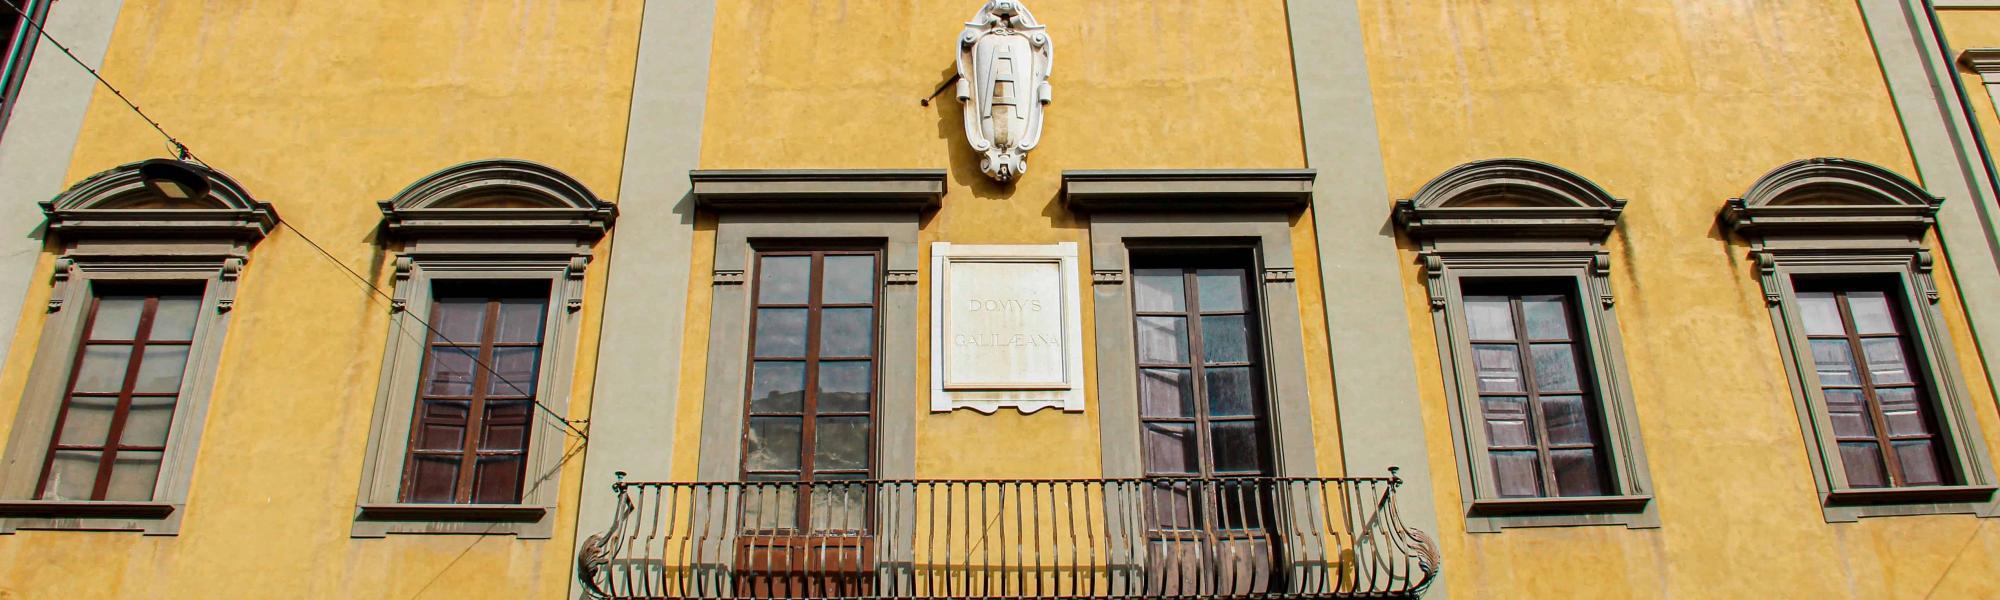 Edificio Domus Galileana